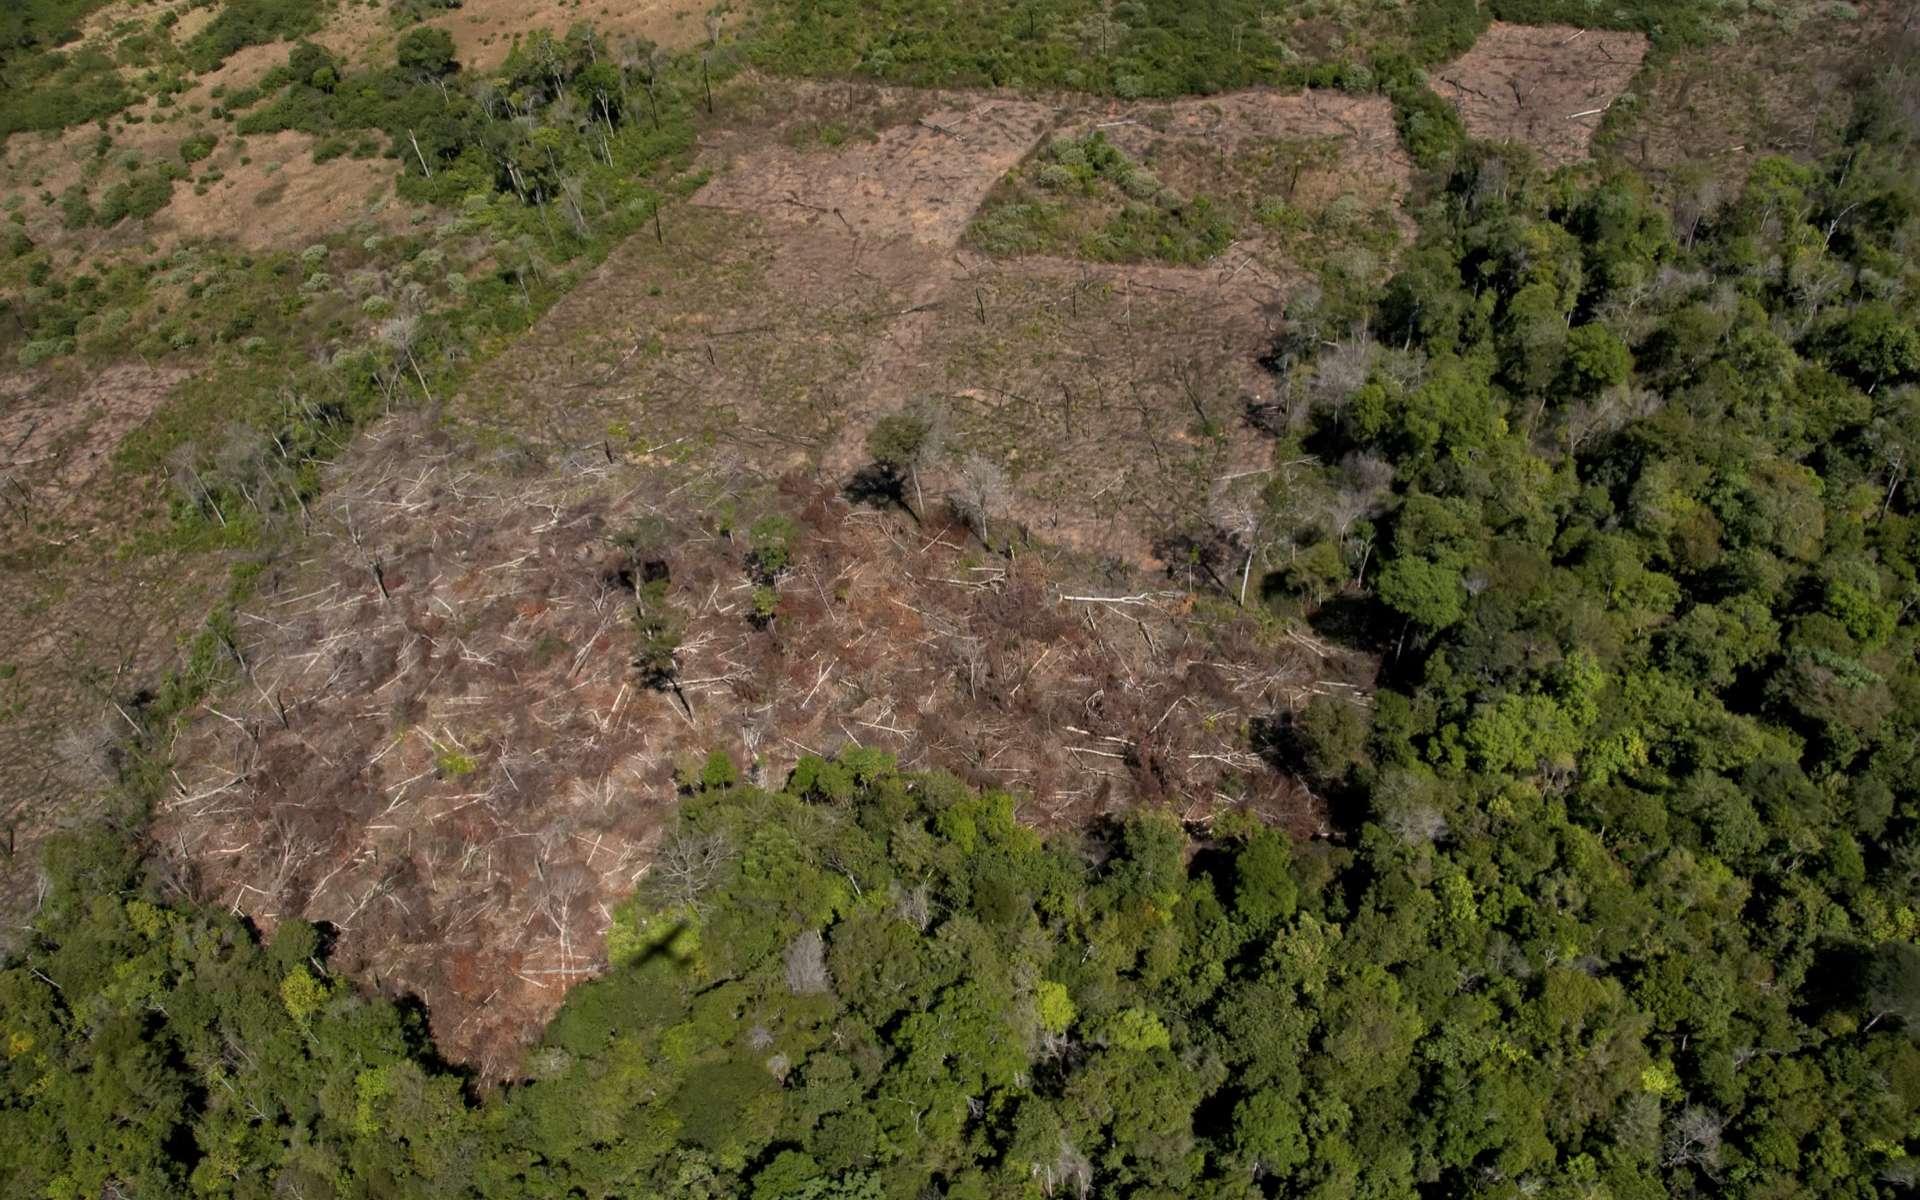 Vue aérienne de la région du Cerrado déboisée. © Pulsar Imagens, Adobe Stock